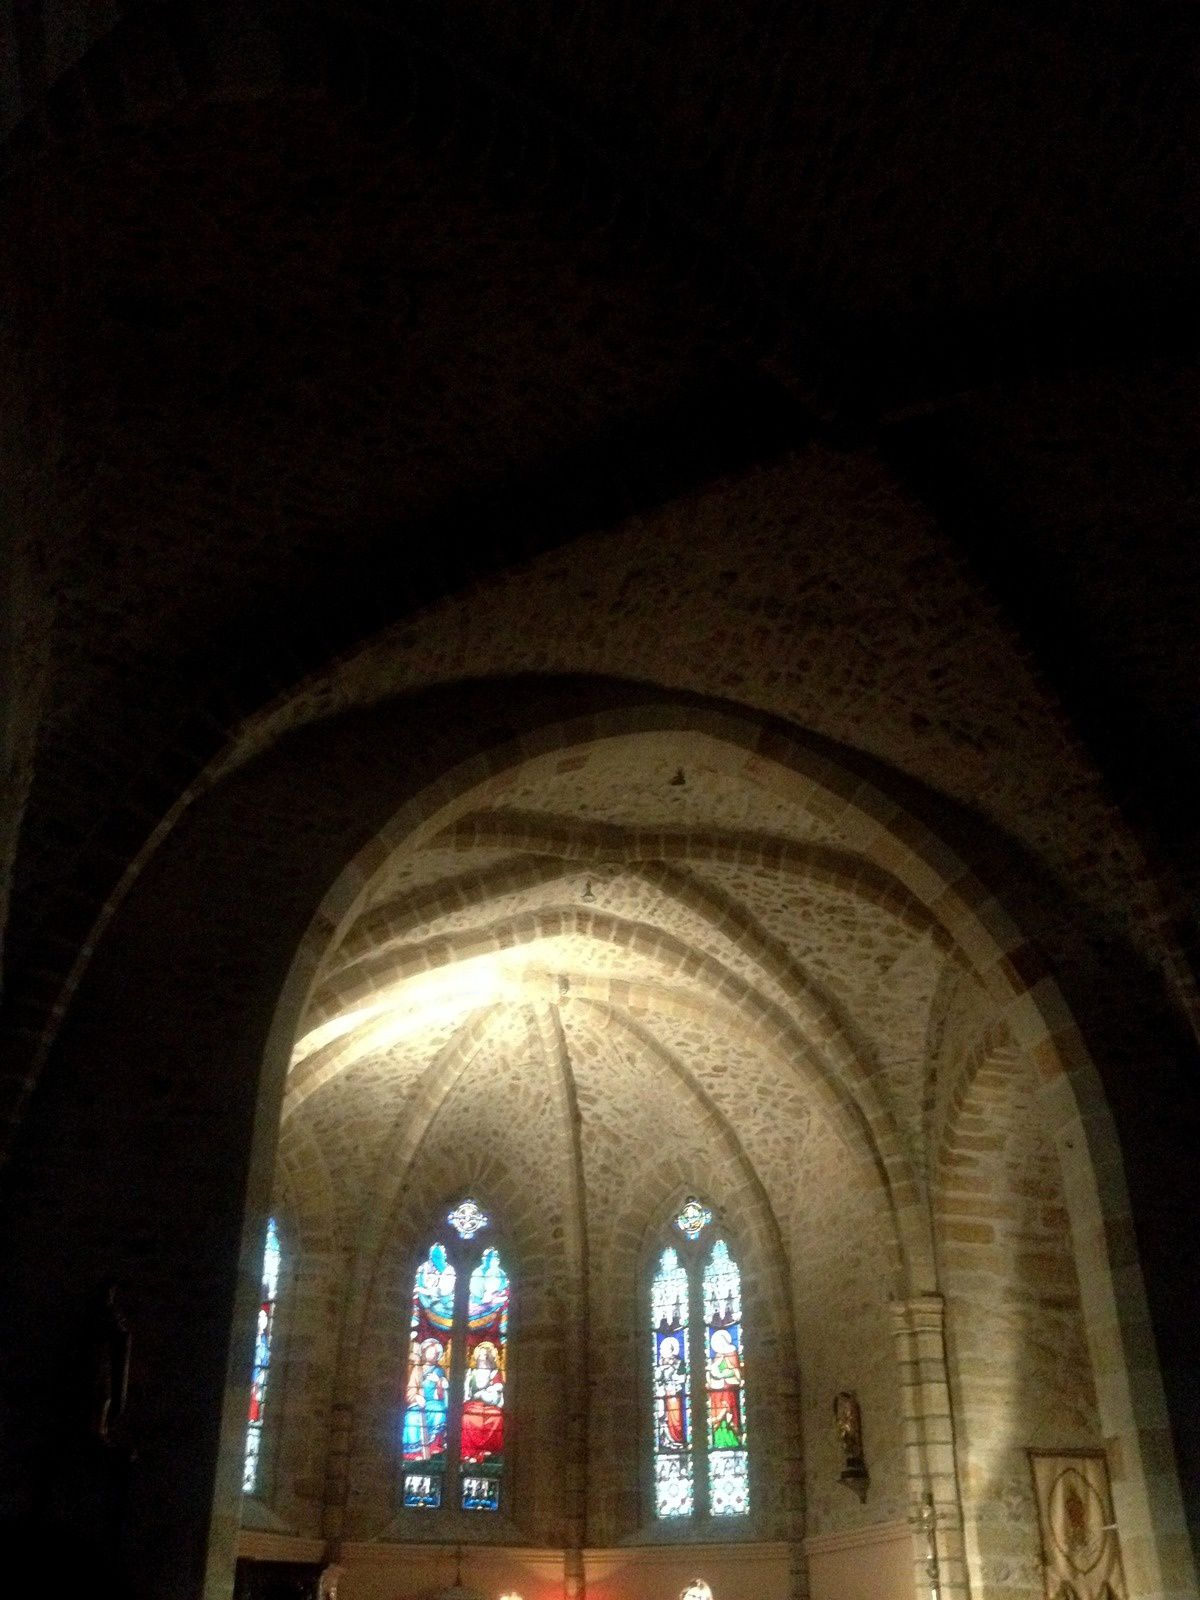 église d'Egliseneuve-pres-Billom. Auvergne, Puy de dôme, France.